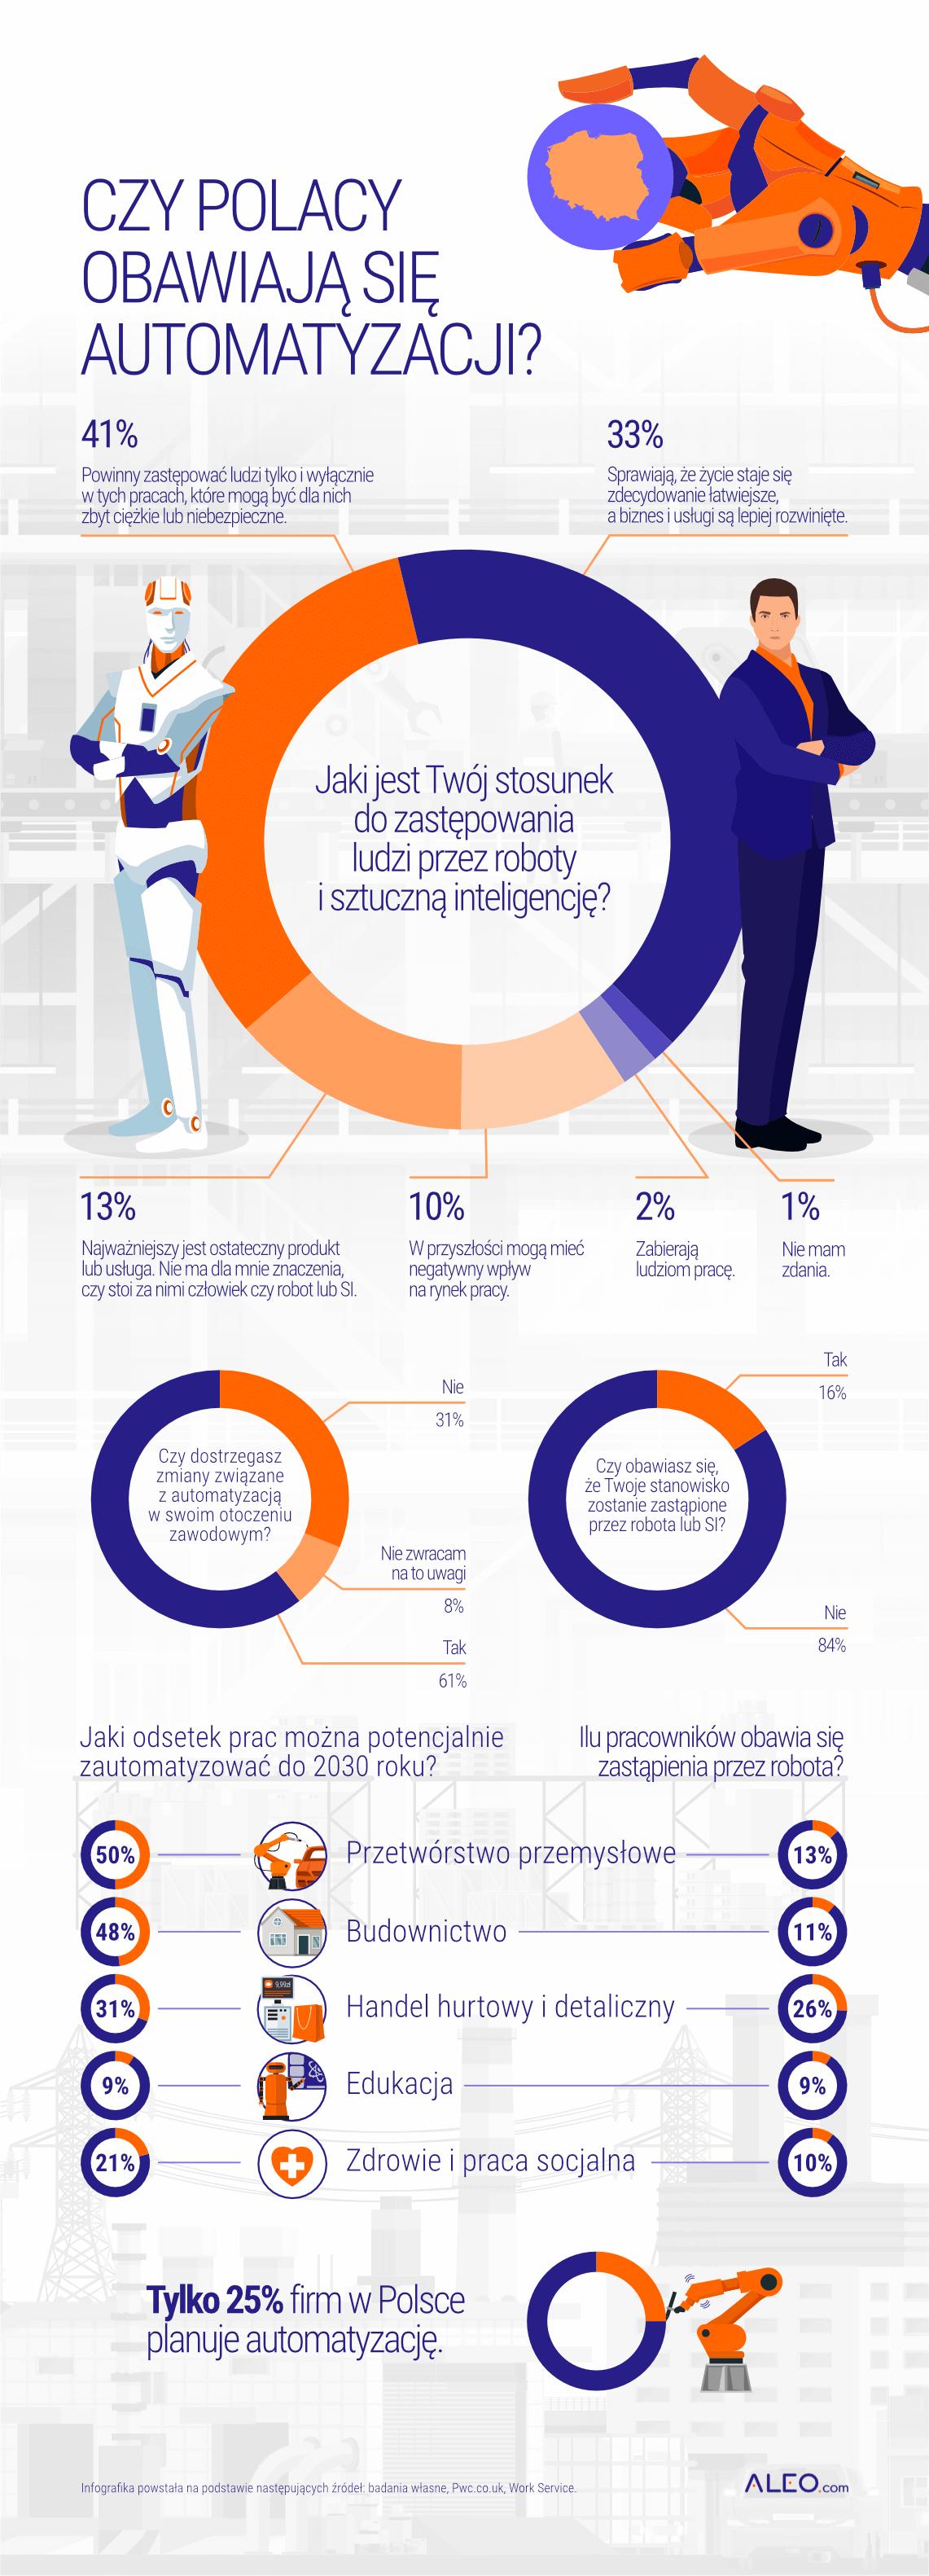 infografika przedstawiająca wyniki ankiety